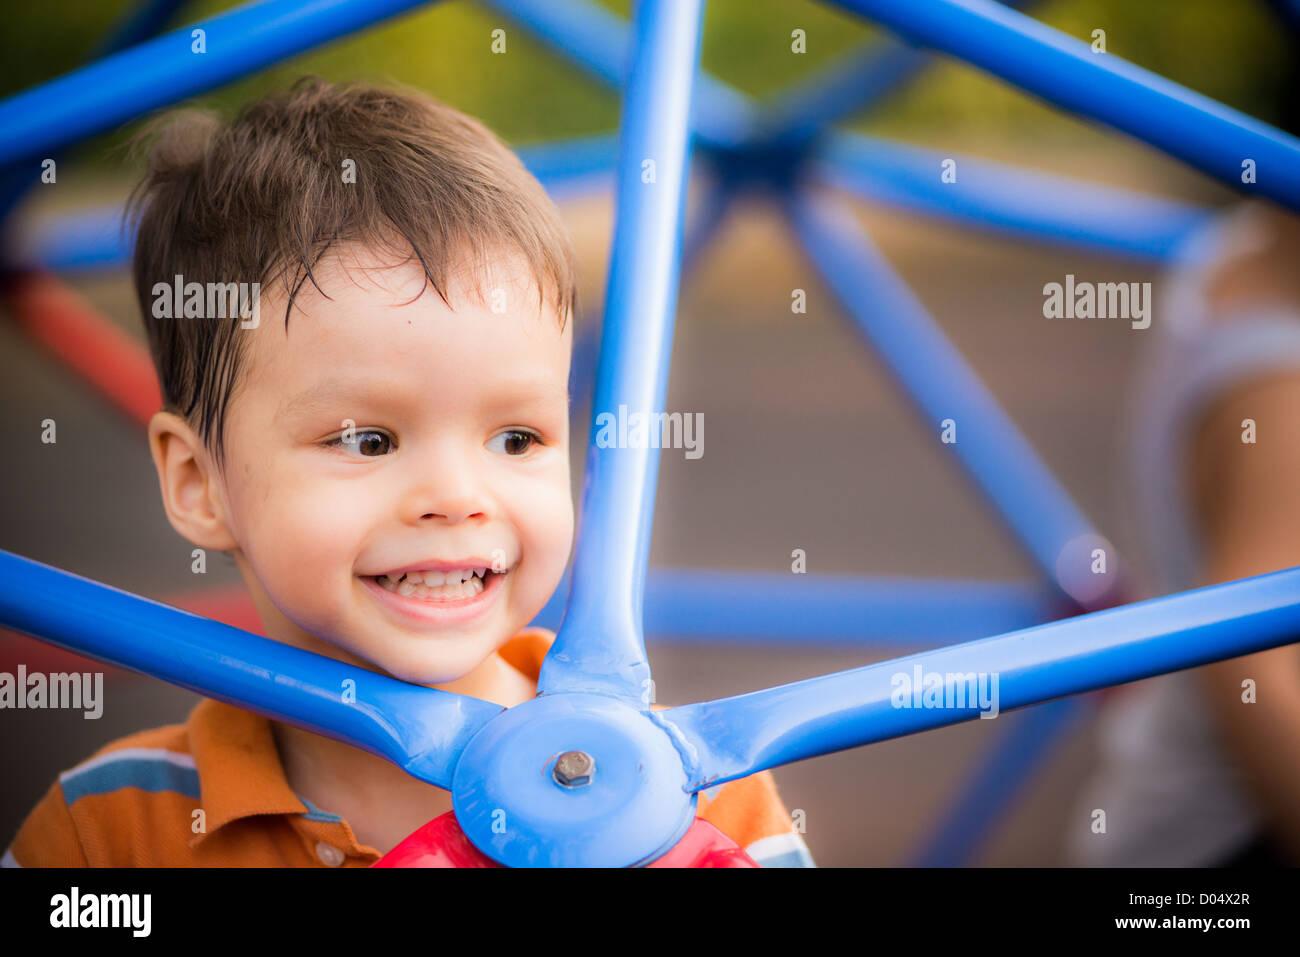 Klettergerüst Für 2 Jährige : Ein fröhlicher 2 jährige junge spielt auf blauen klettergerüst in